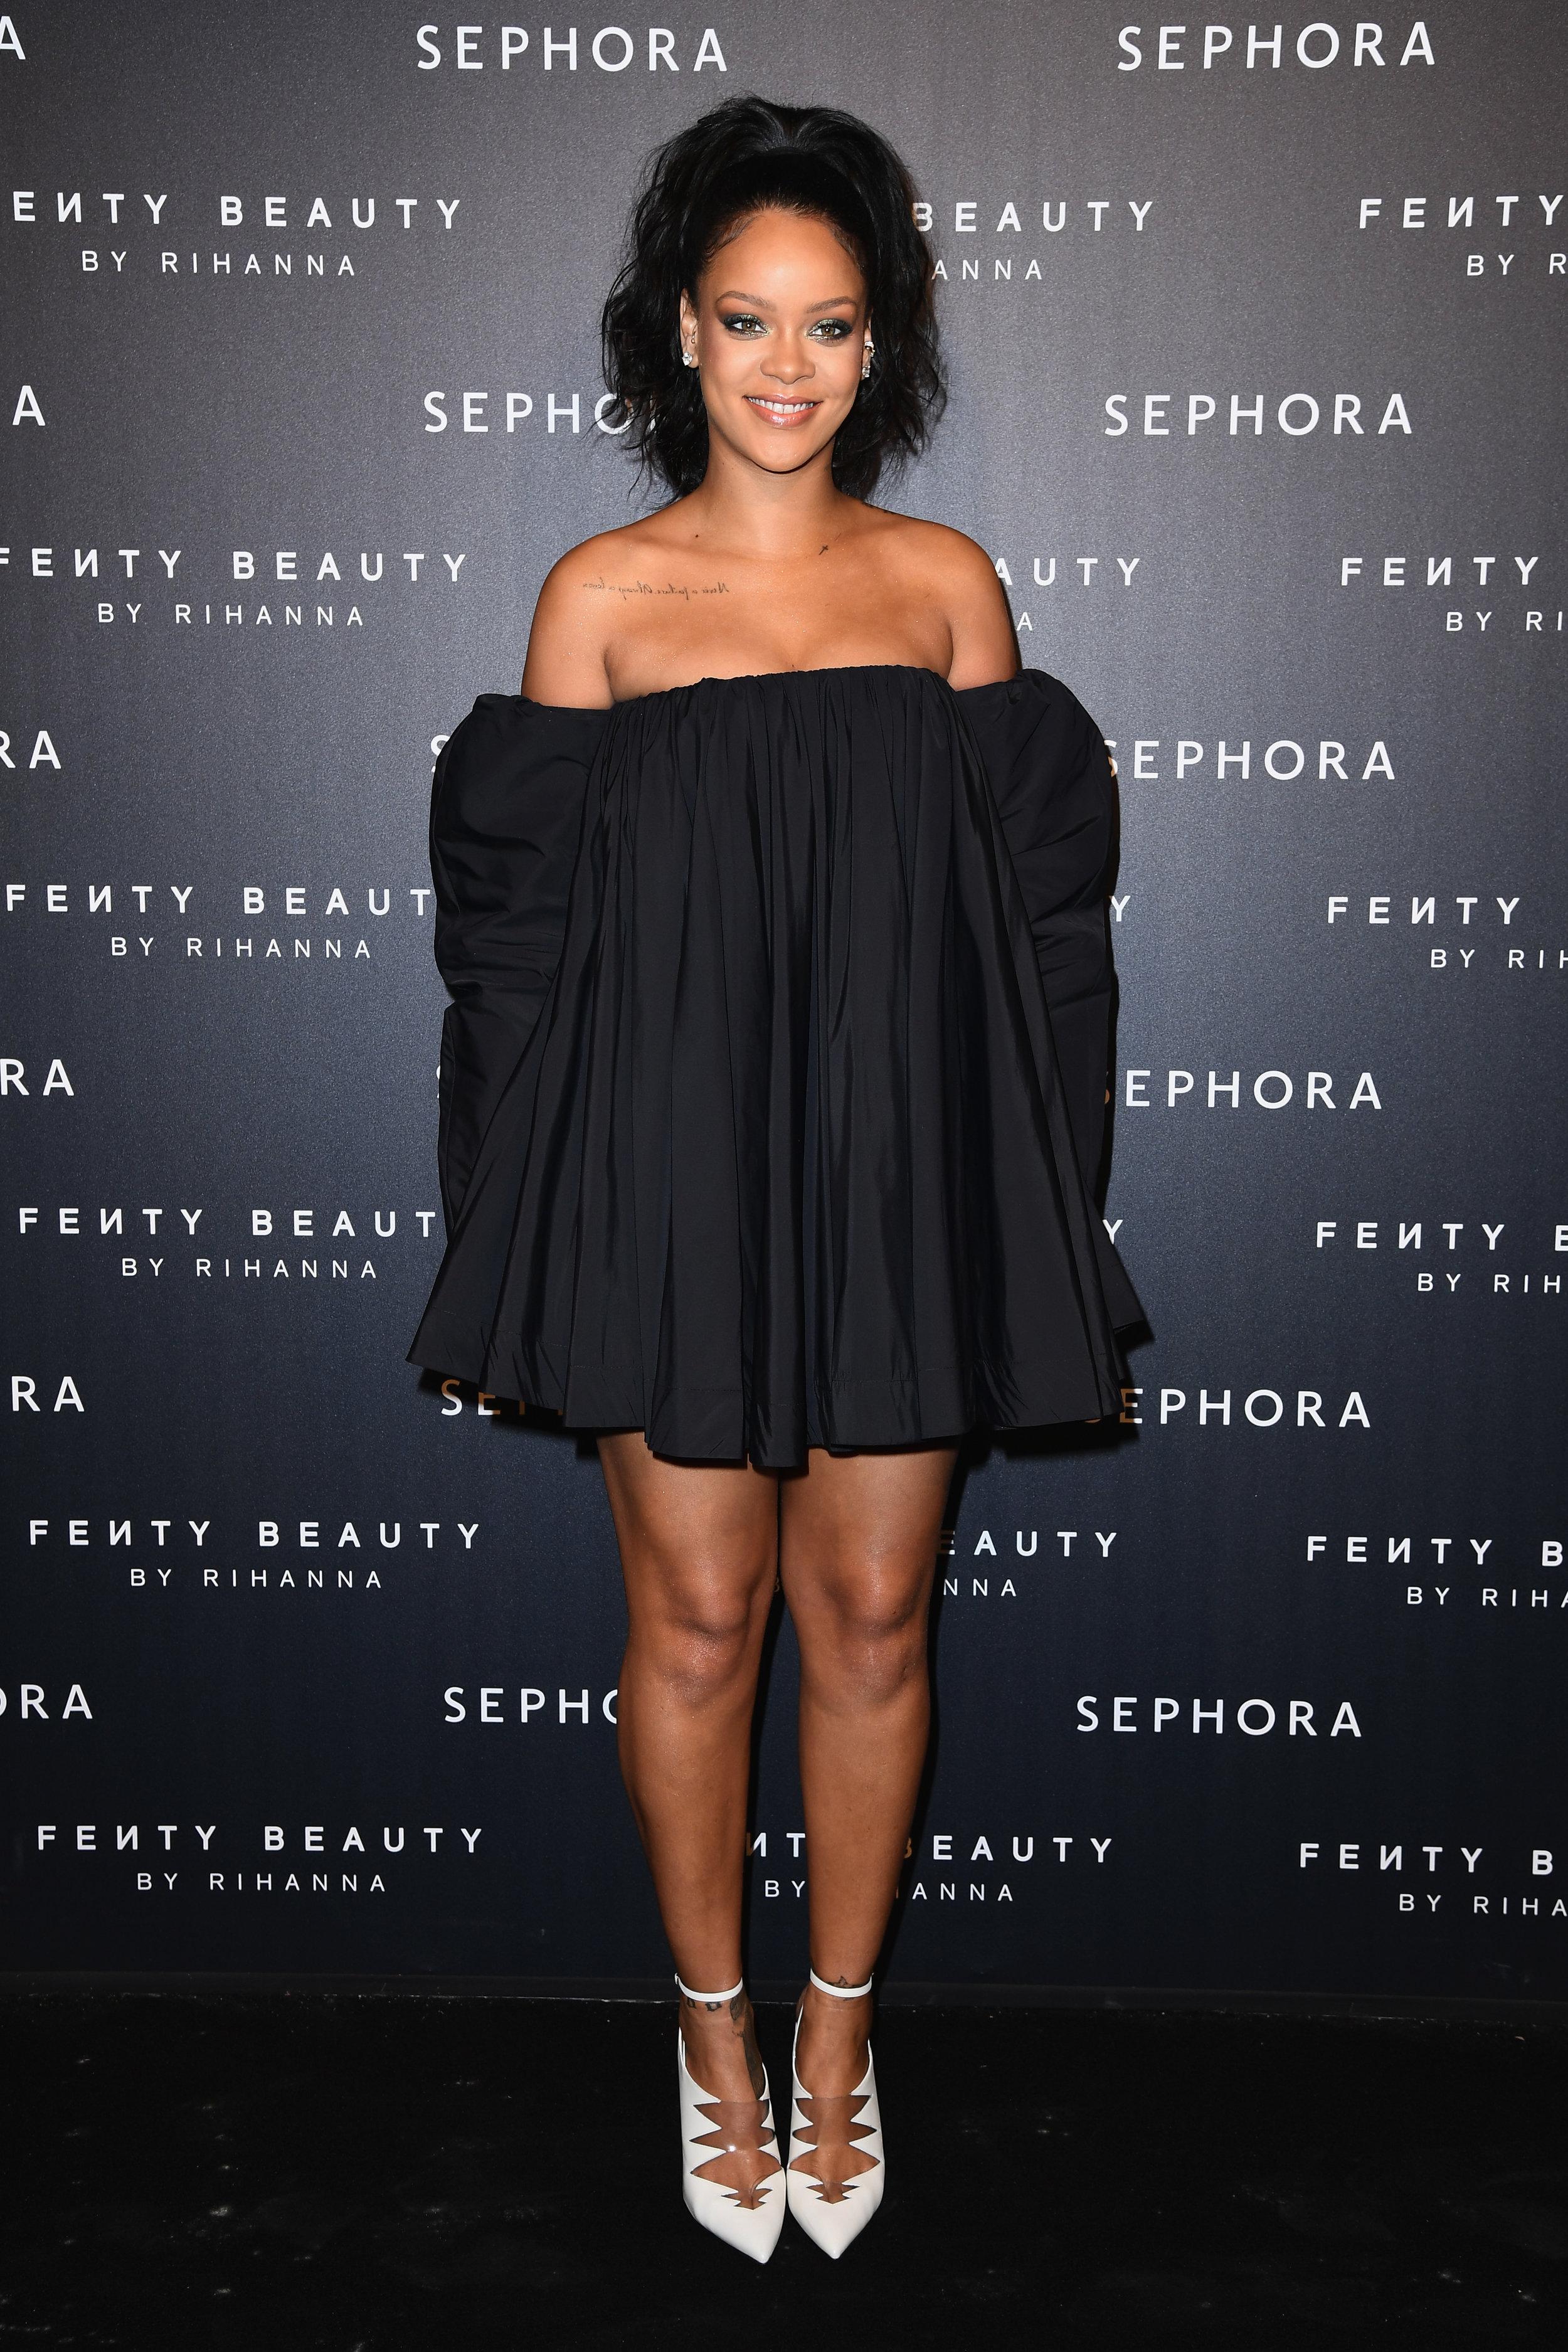 Rihanna - Fenty Beauty by Rihanna Sephora Paris Launch